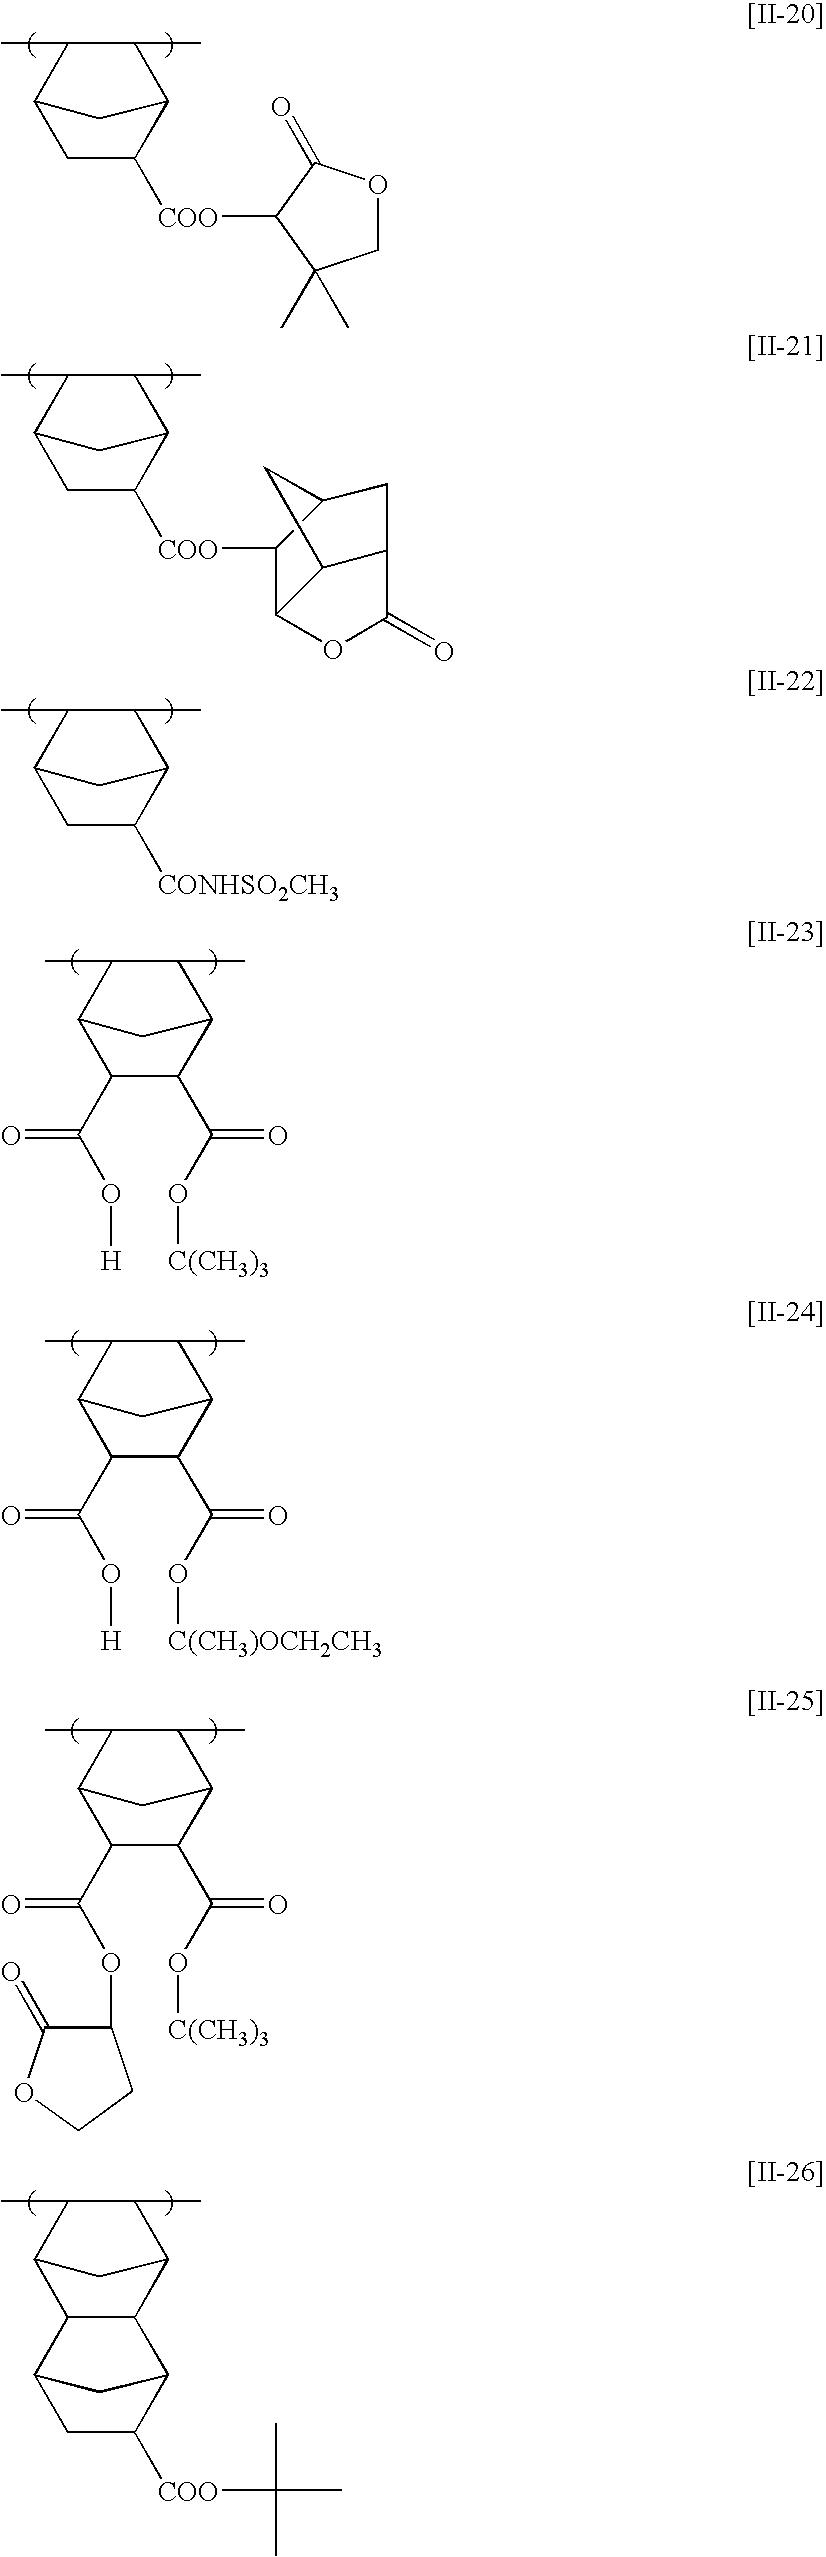 Figure US08530148-20130910-C00016